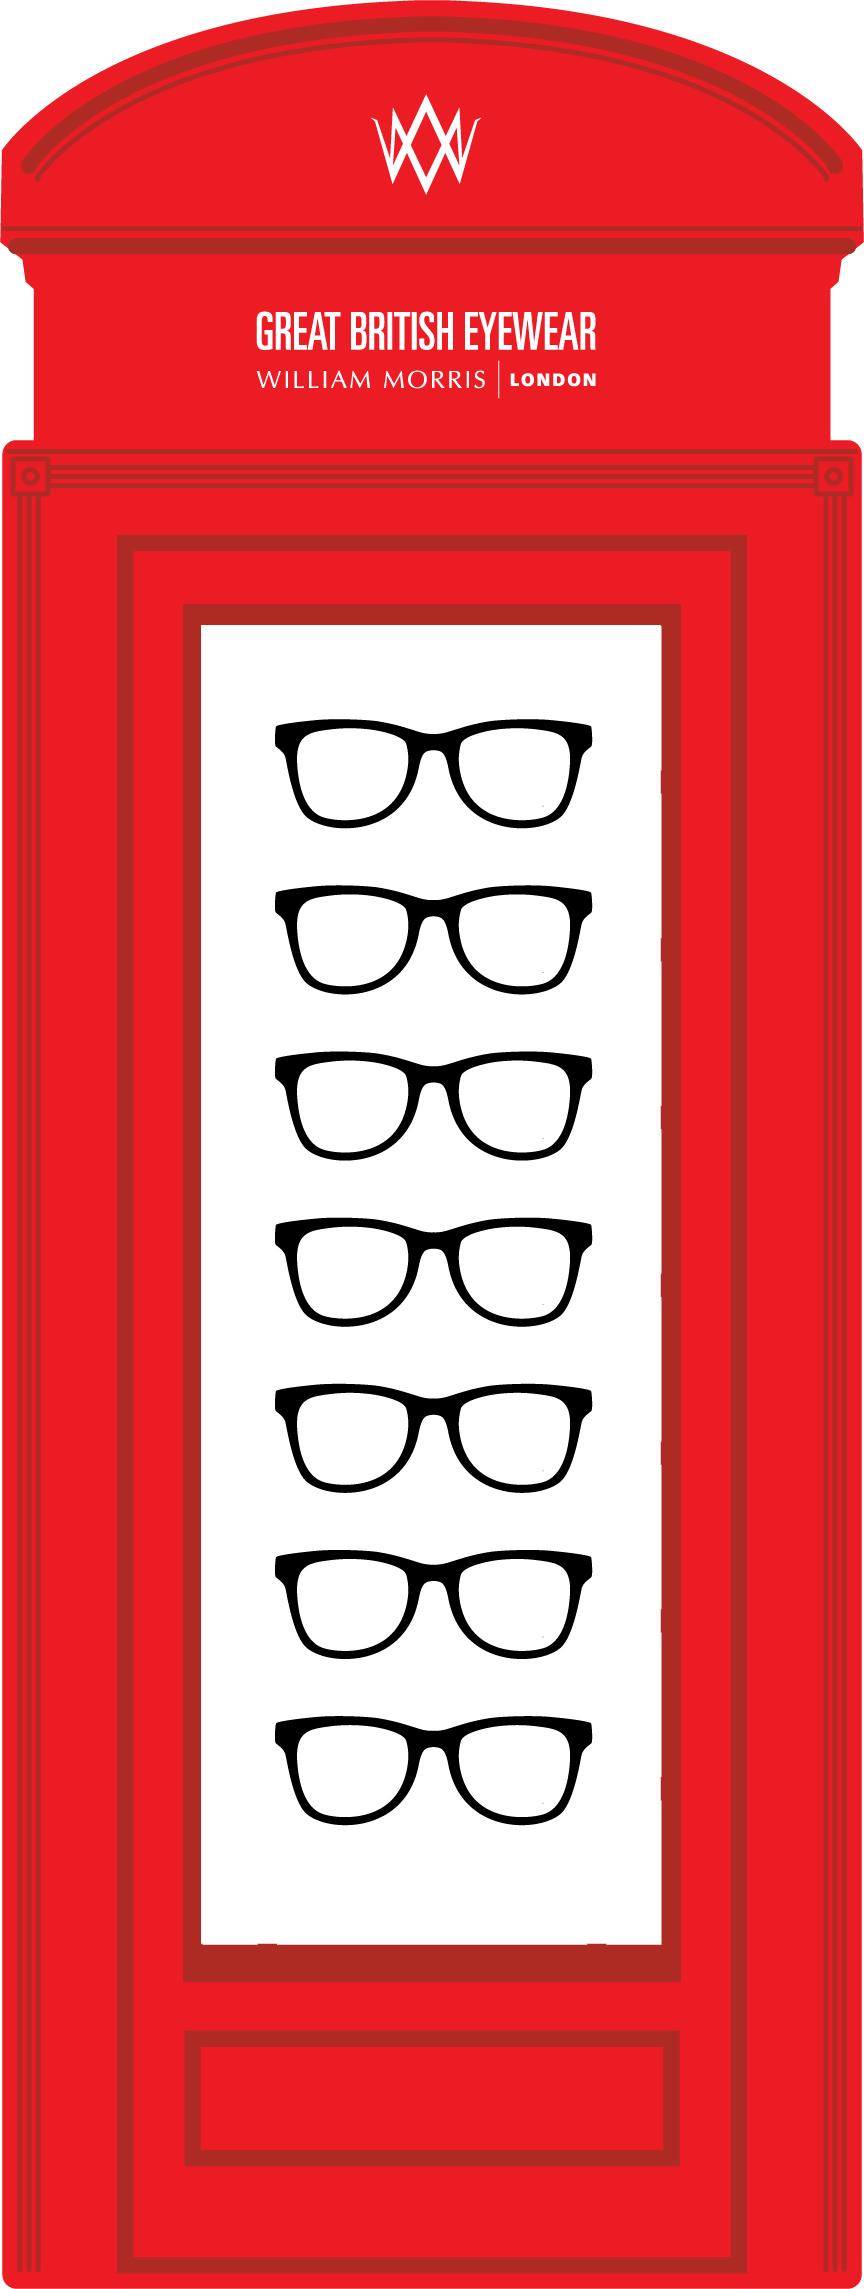 7f3f3c65c93 CLASSIQUE Eyewear - WILLIAM MORRIS - WILLIAM MORRIS